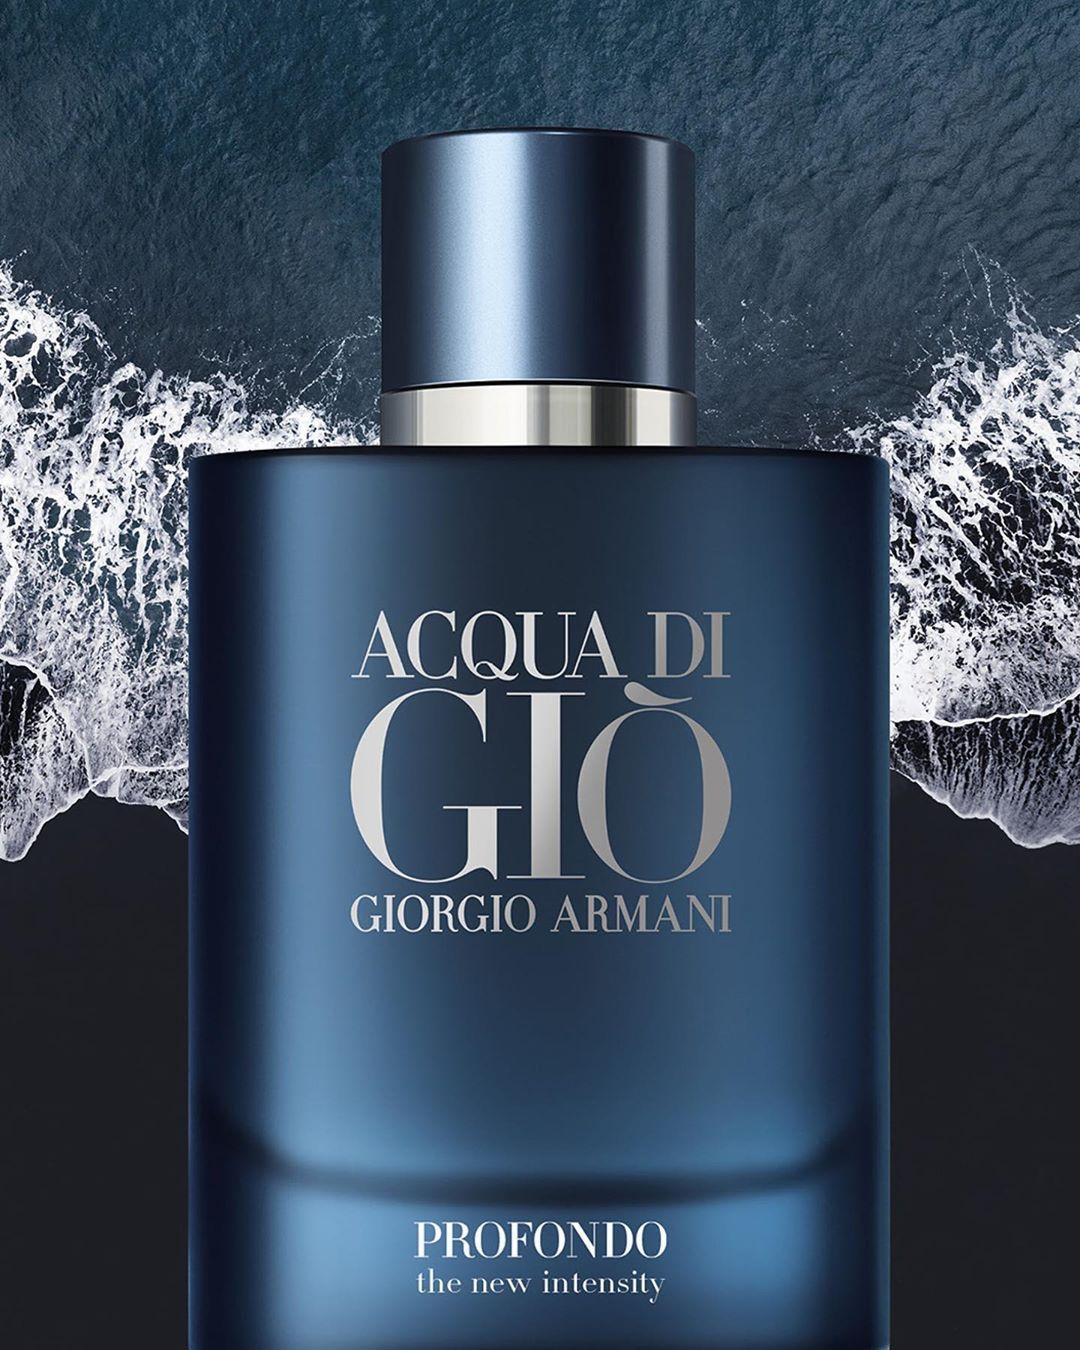 Giorgio Armani Perfume Acqua di Giò Profondo Eau de Parfum - Giorgio Armani  | Perfume, Fragancia para hombre, Perfumes para hombres